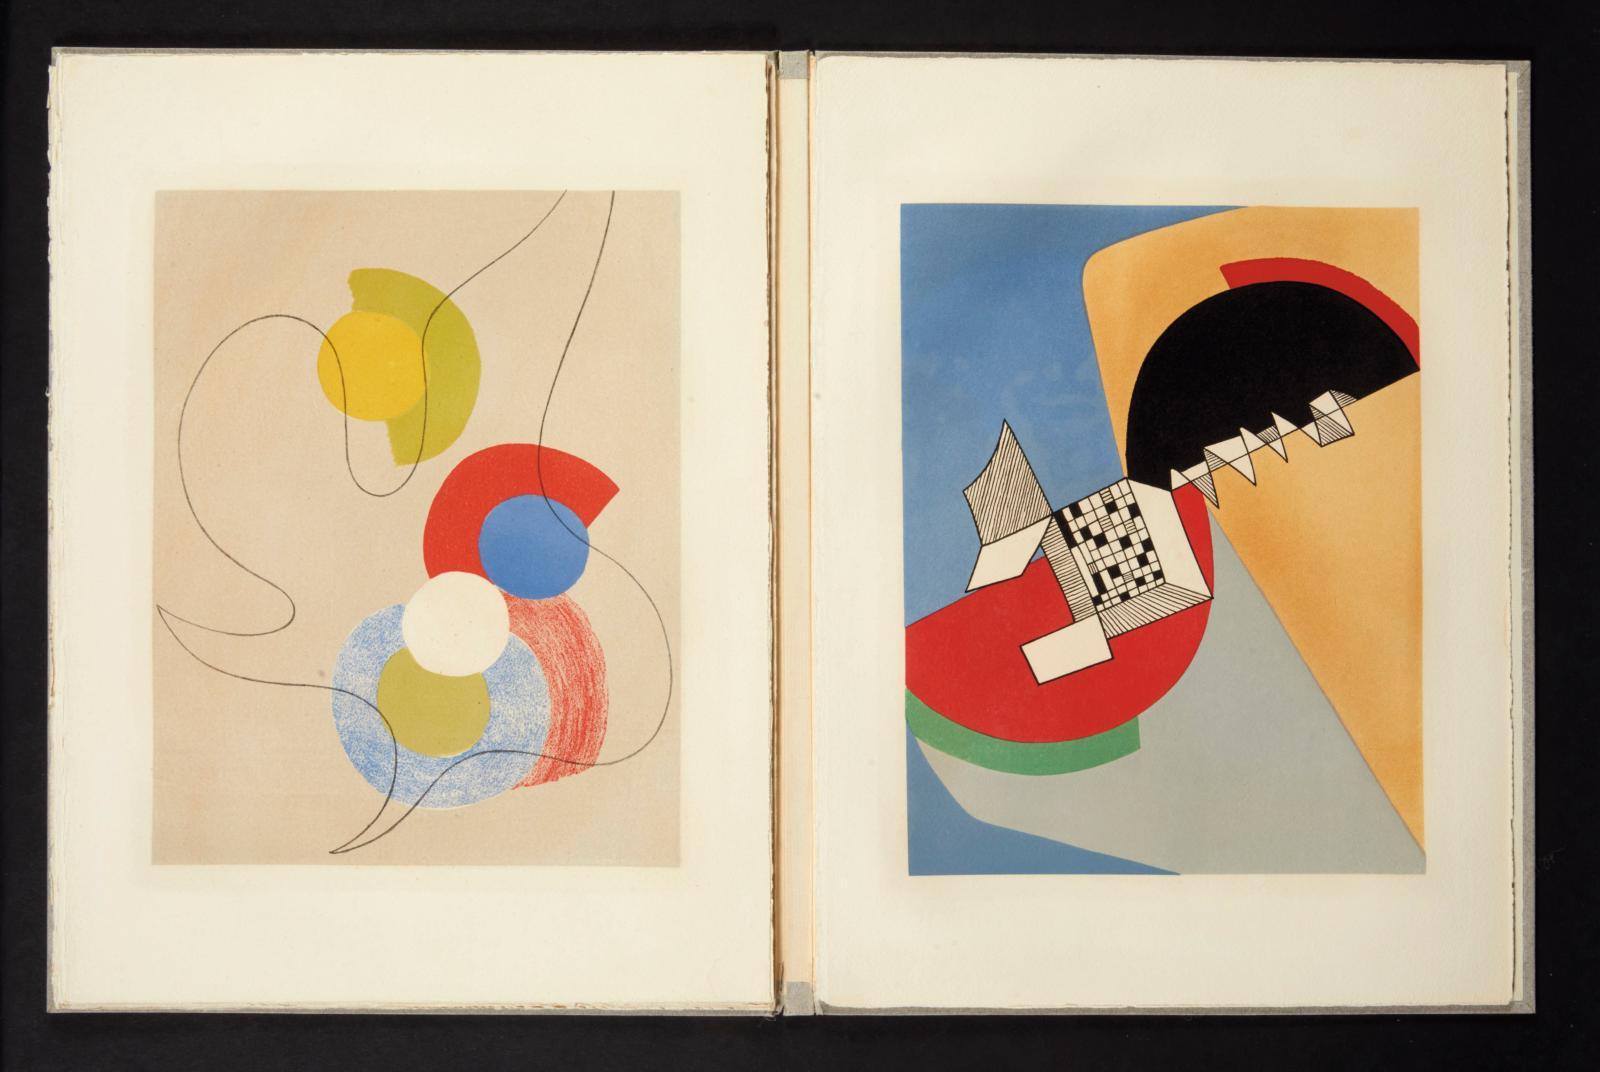 Voici un exemplaire d'un ouvrage mythique. L'Album de Grasse, édité en 1950 Aux nourritures terrestres, est composé de dix lithographies p